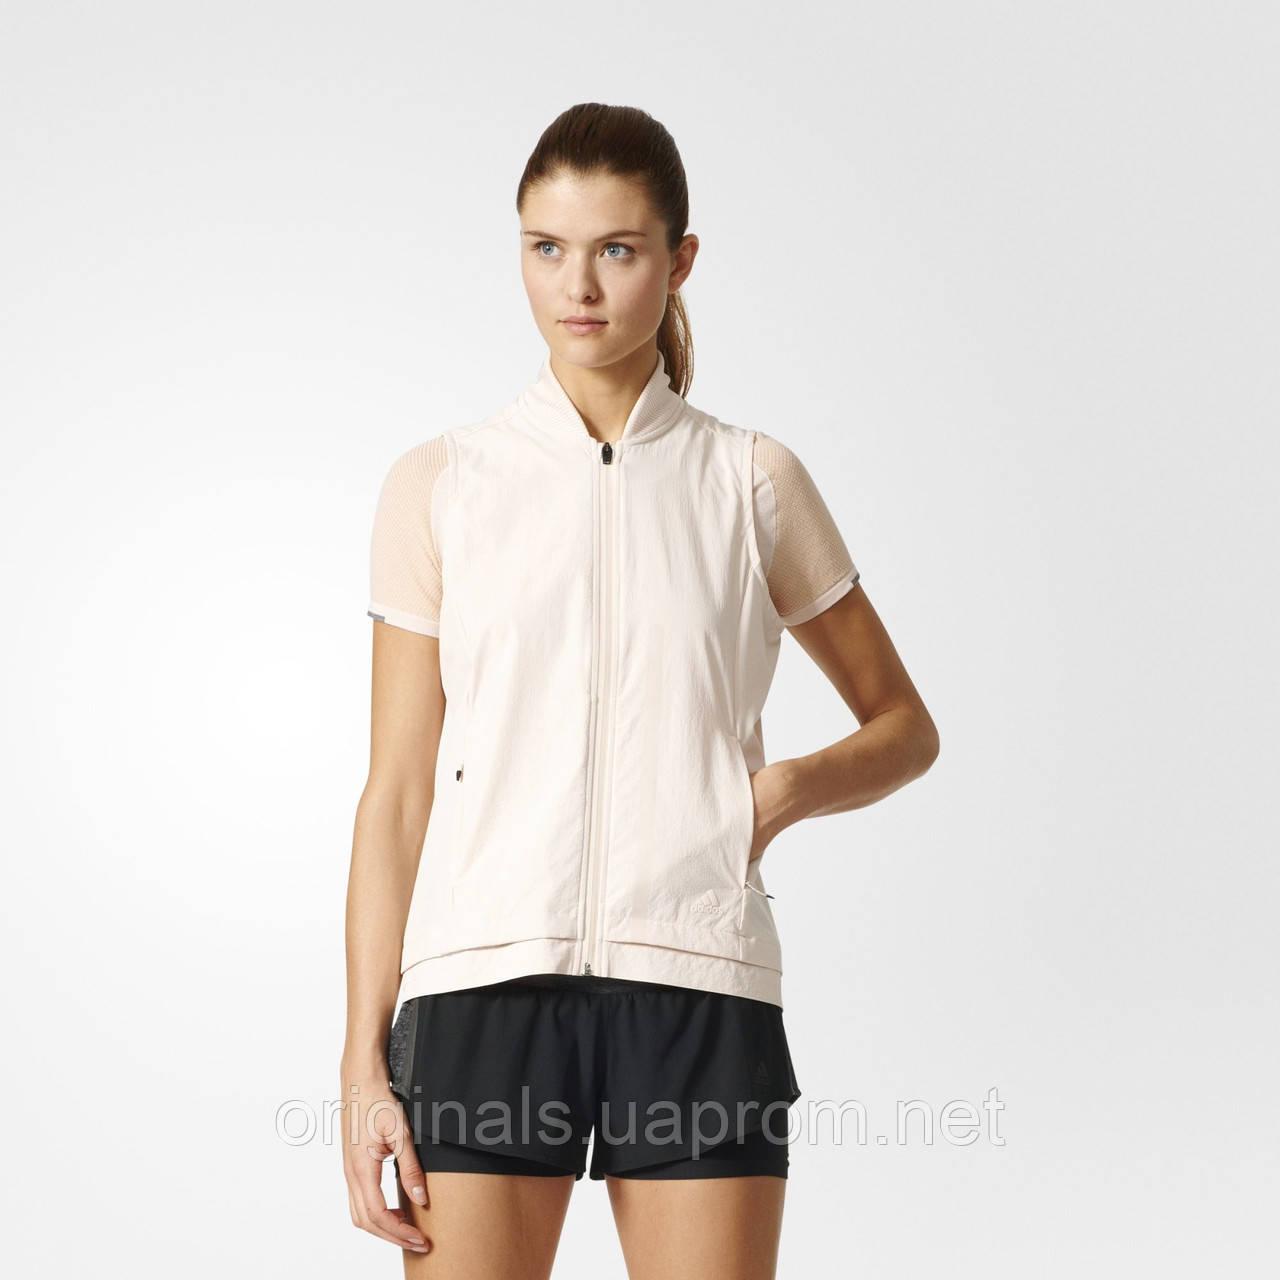 Жилет женский для бега Adidas ULTRA AZ2904 - интернет-магазин Originals - Оригинальный Адидас, Рибок в Киеве